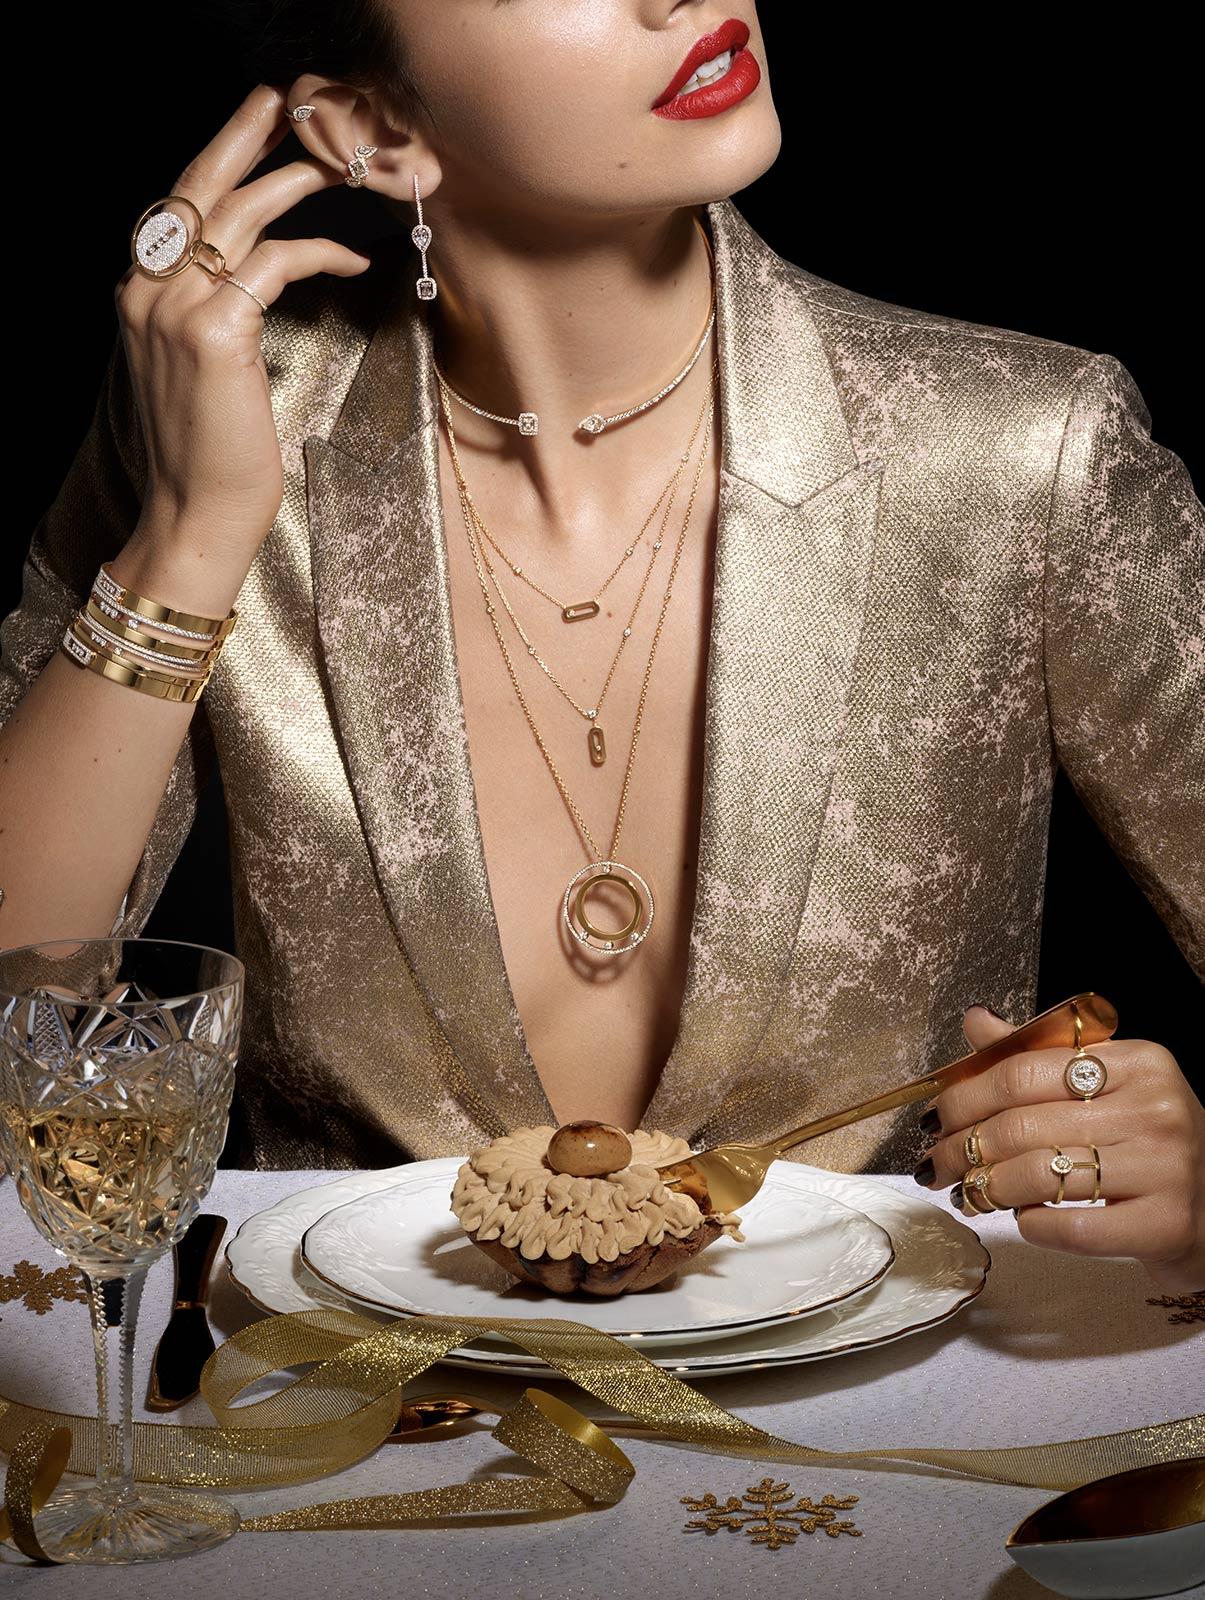 Список желаний, сверкающий бриллиантами